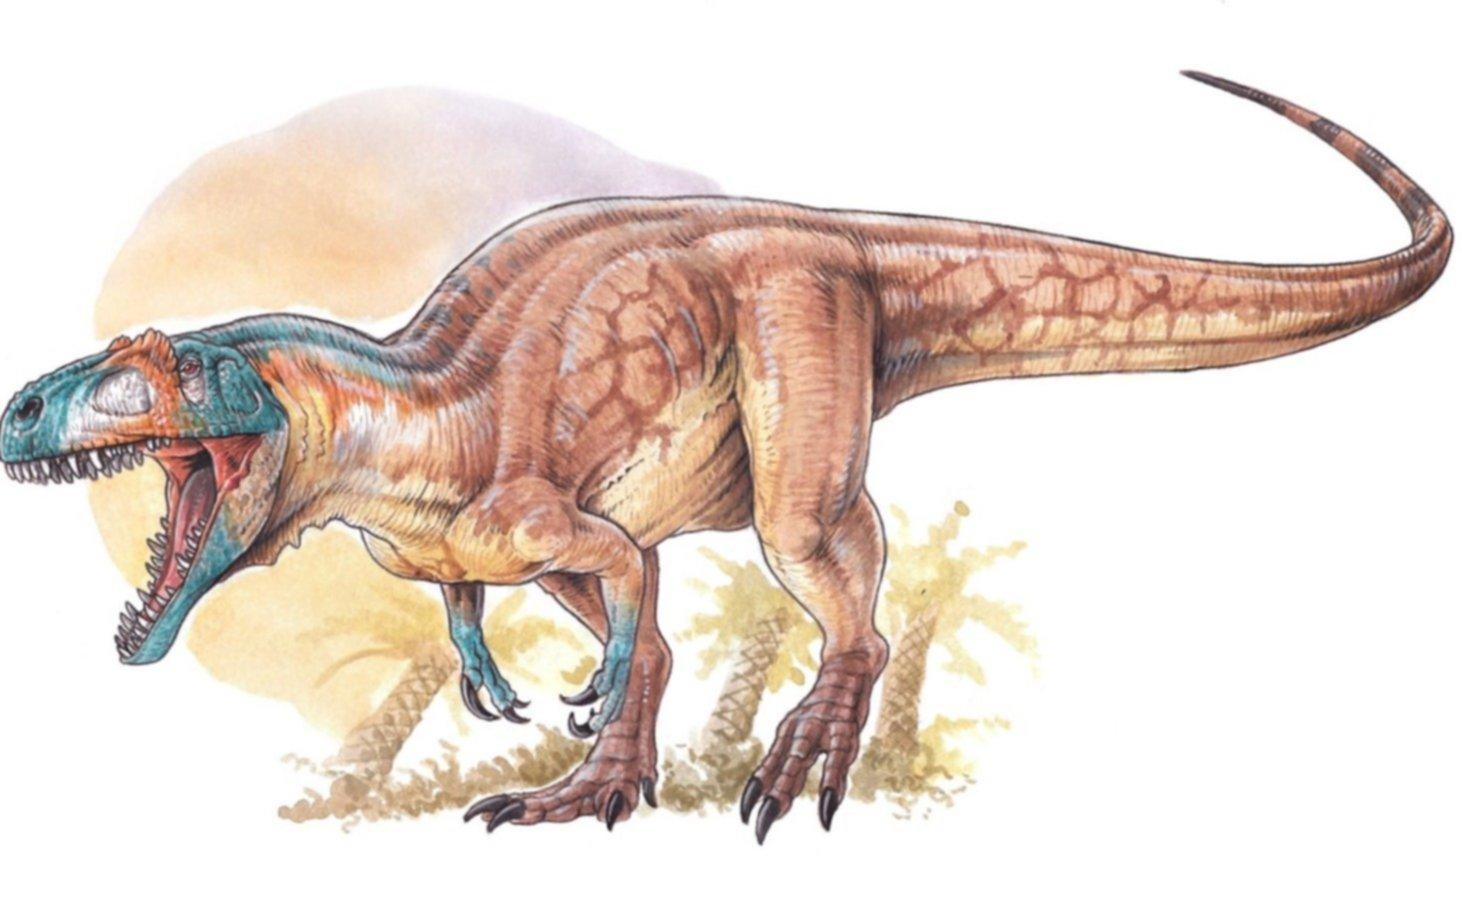 Descubren restos de dos dinosaurios en las provincias de Santa Cruz y Chubut